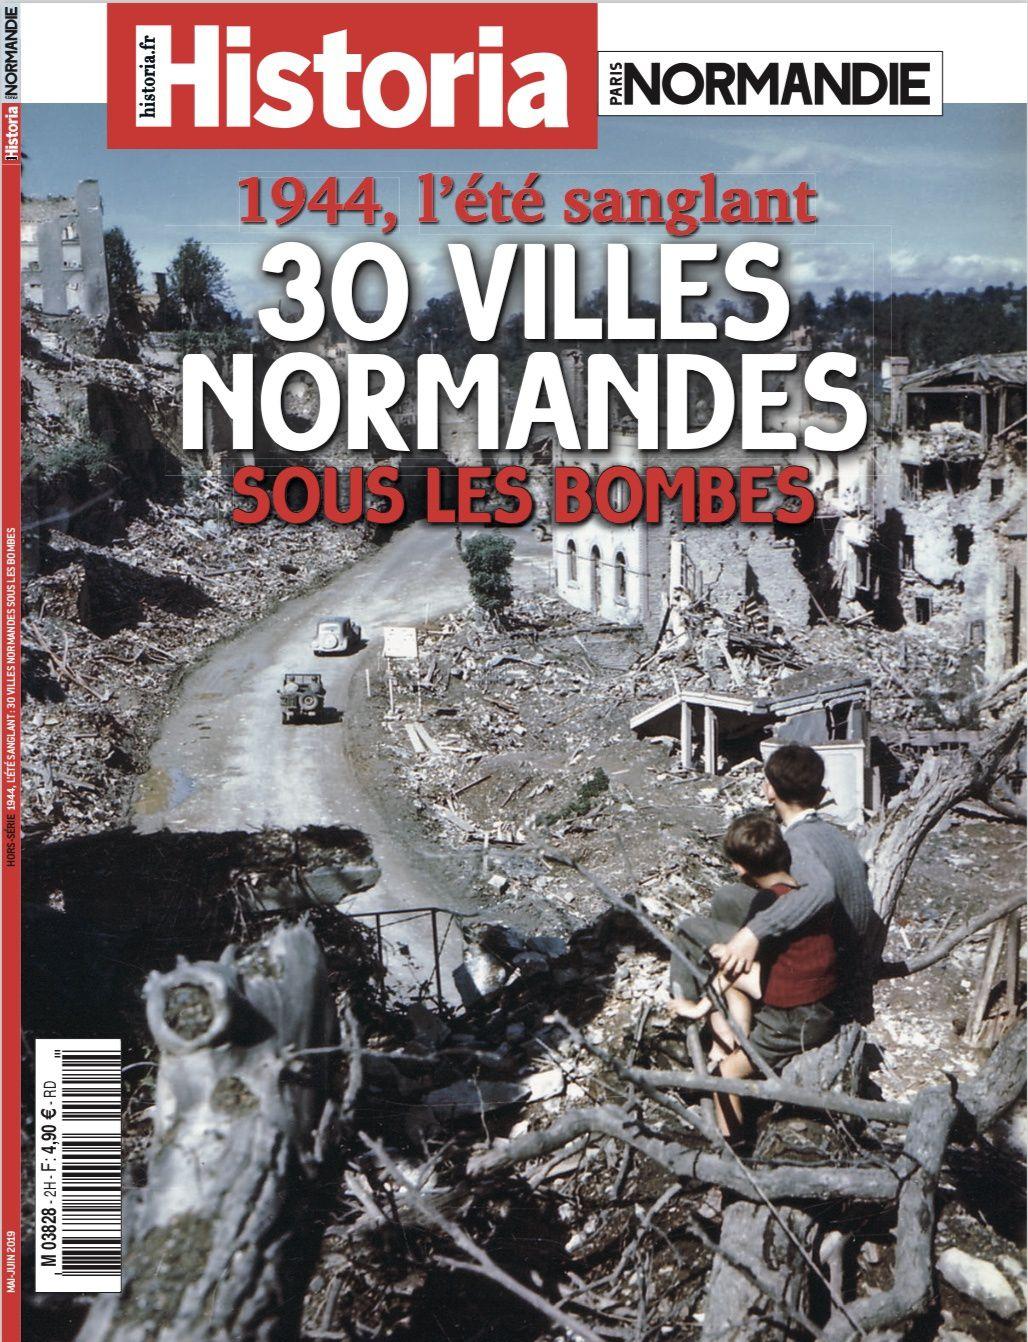 Sortie d'un HS Paris-Normandie / Historia consacré au traumatisme des villes normandes lors du débarquement.